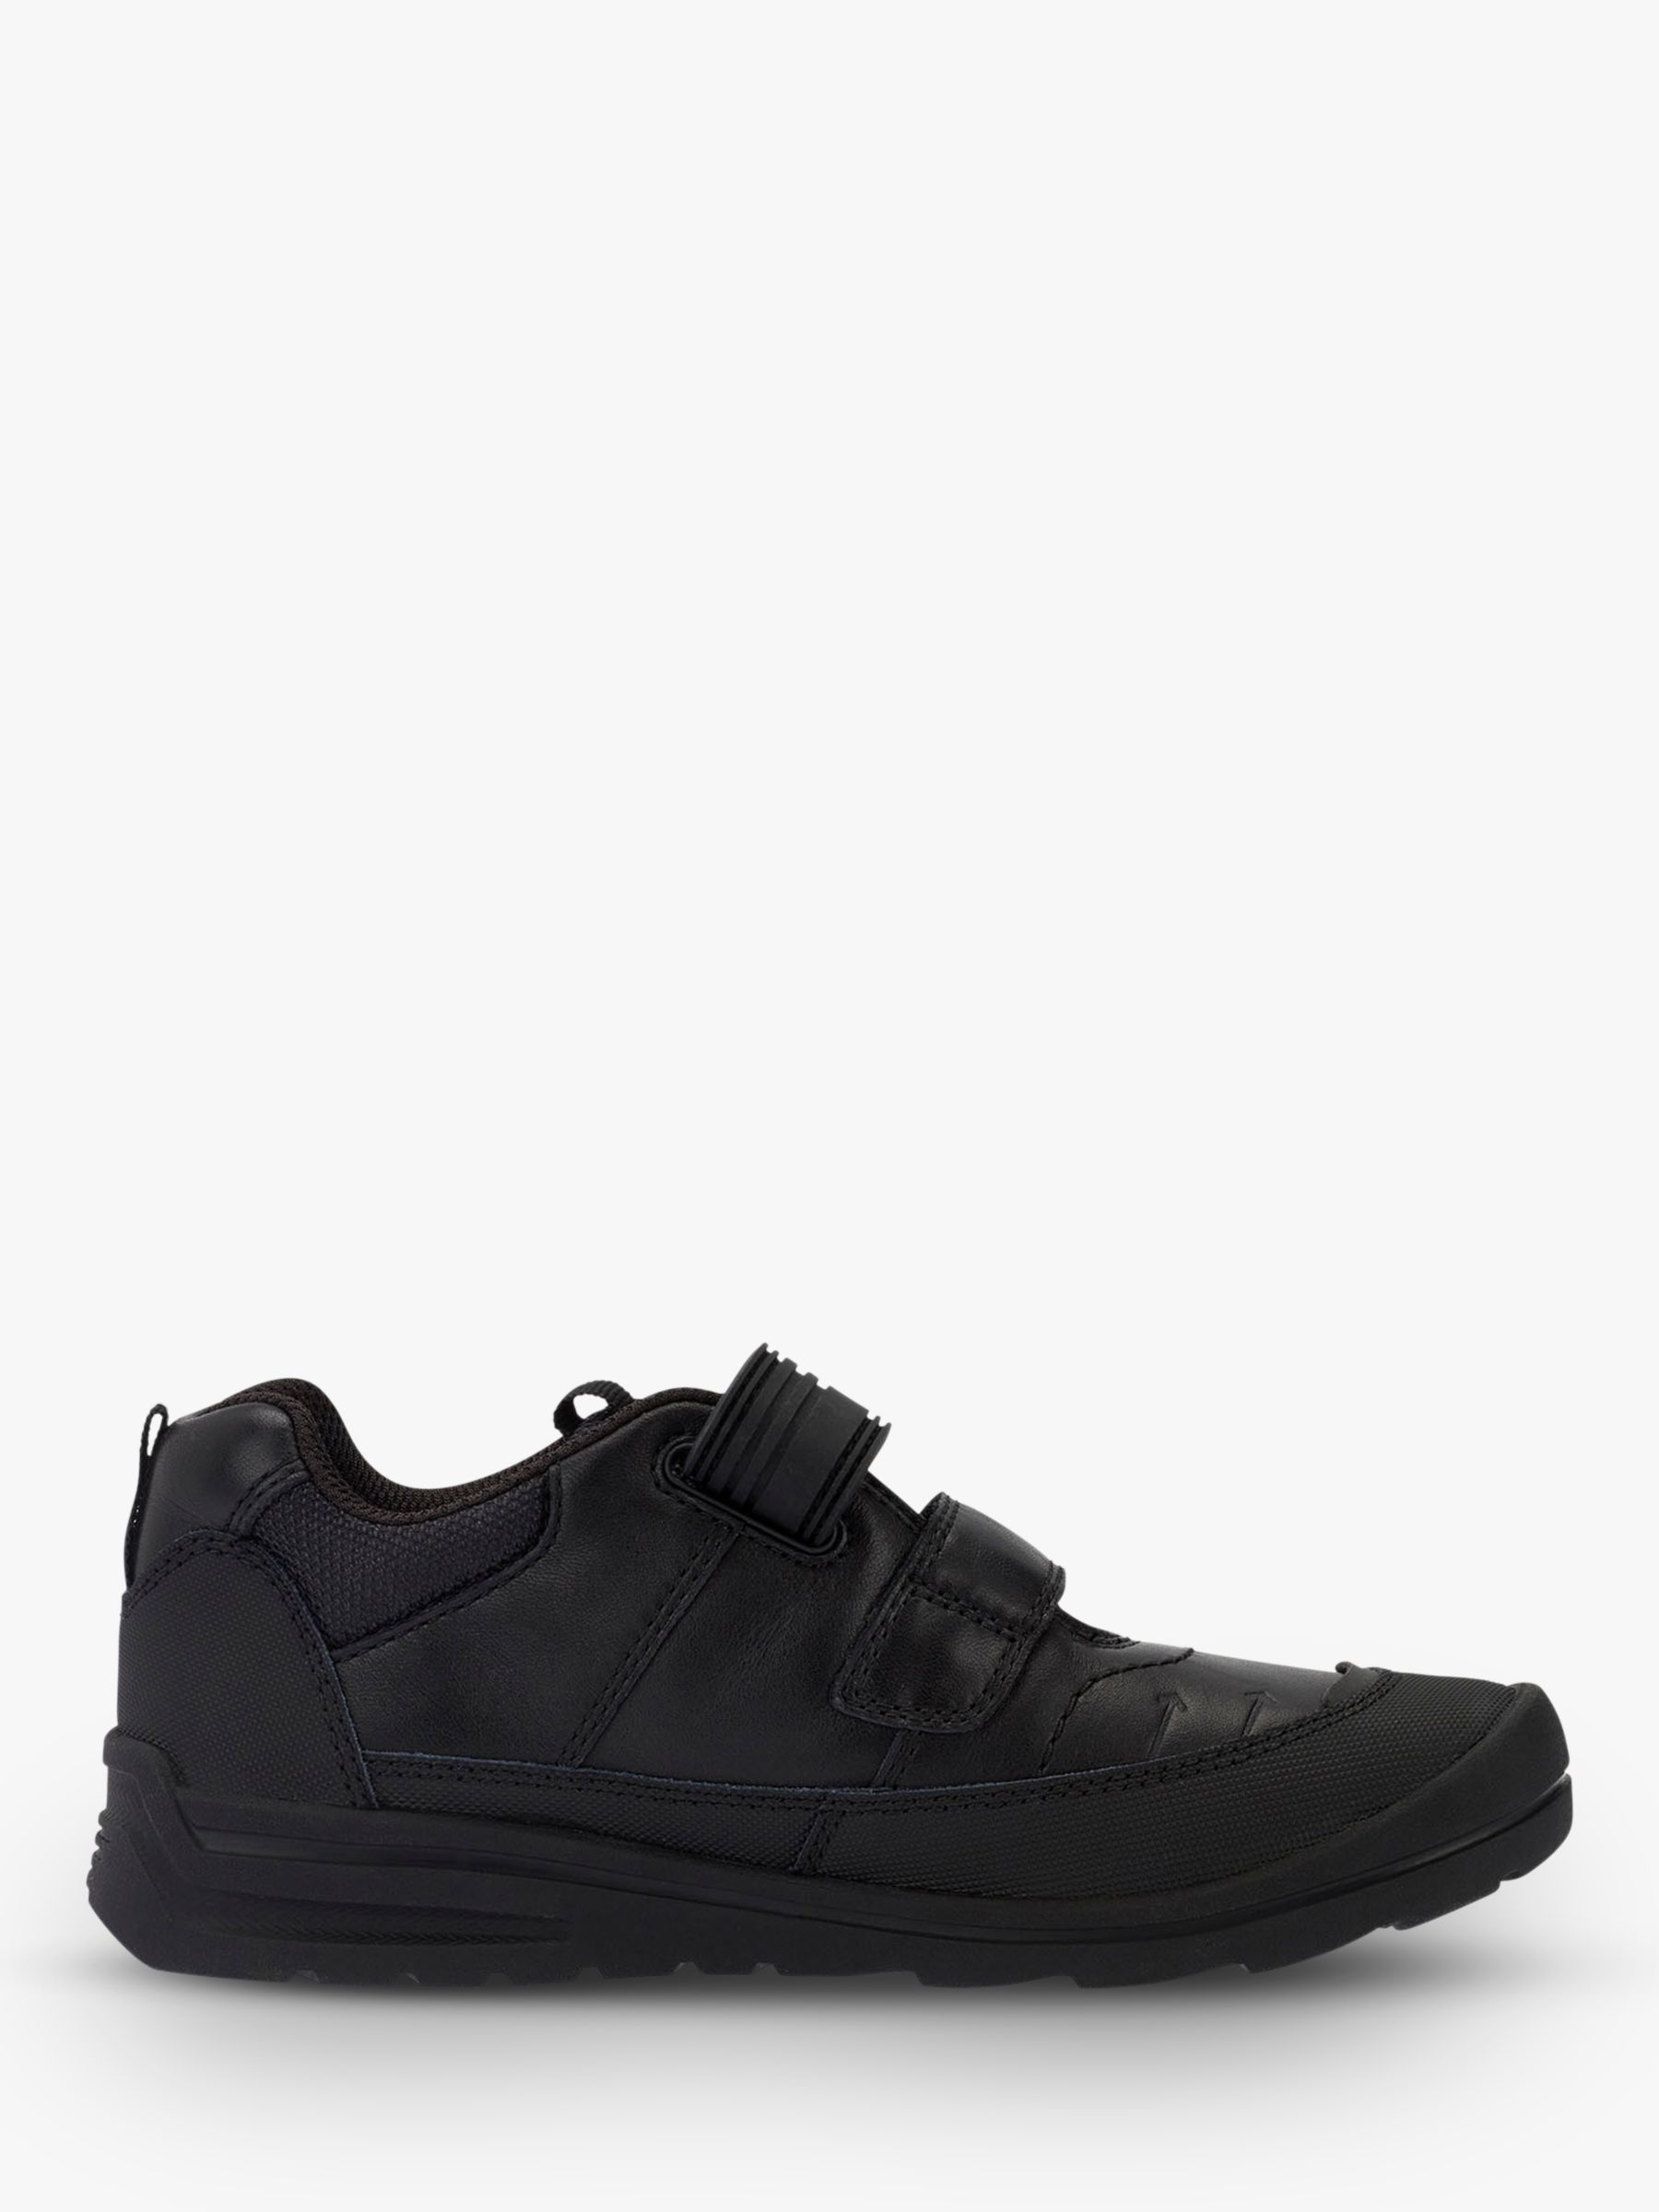 Start-Rite Start-rite Children's Bolt Riptape Leather Shoes, Black